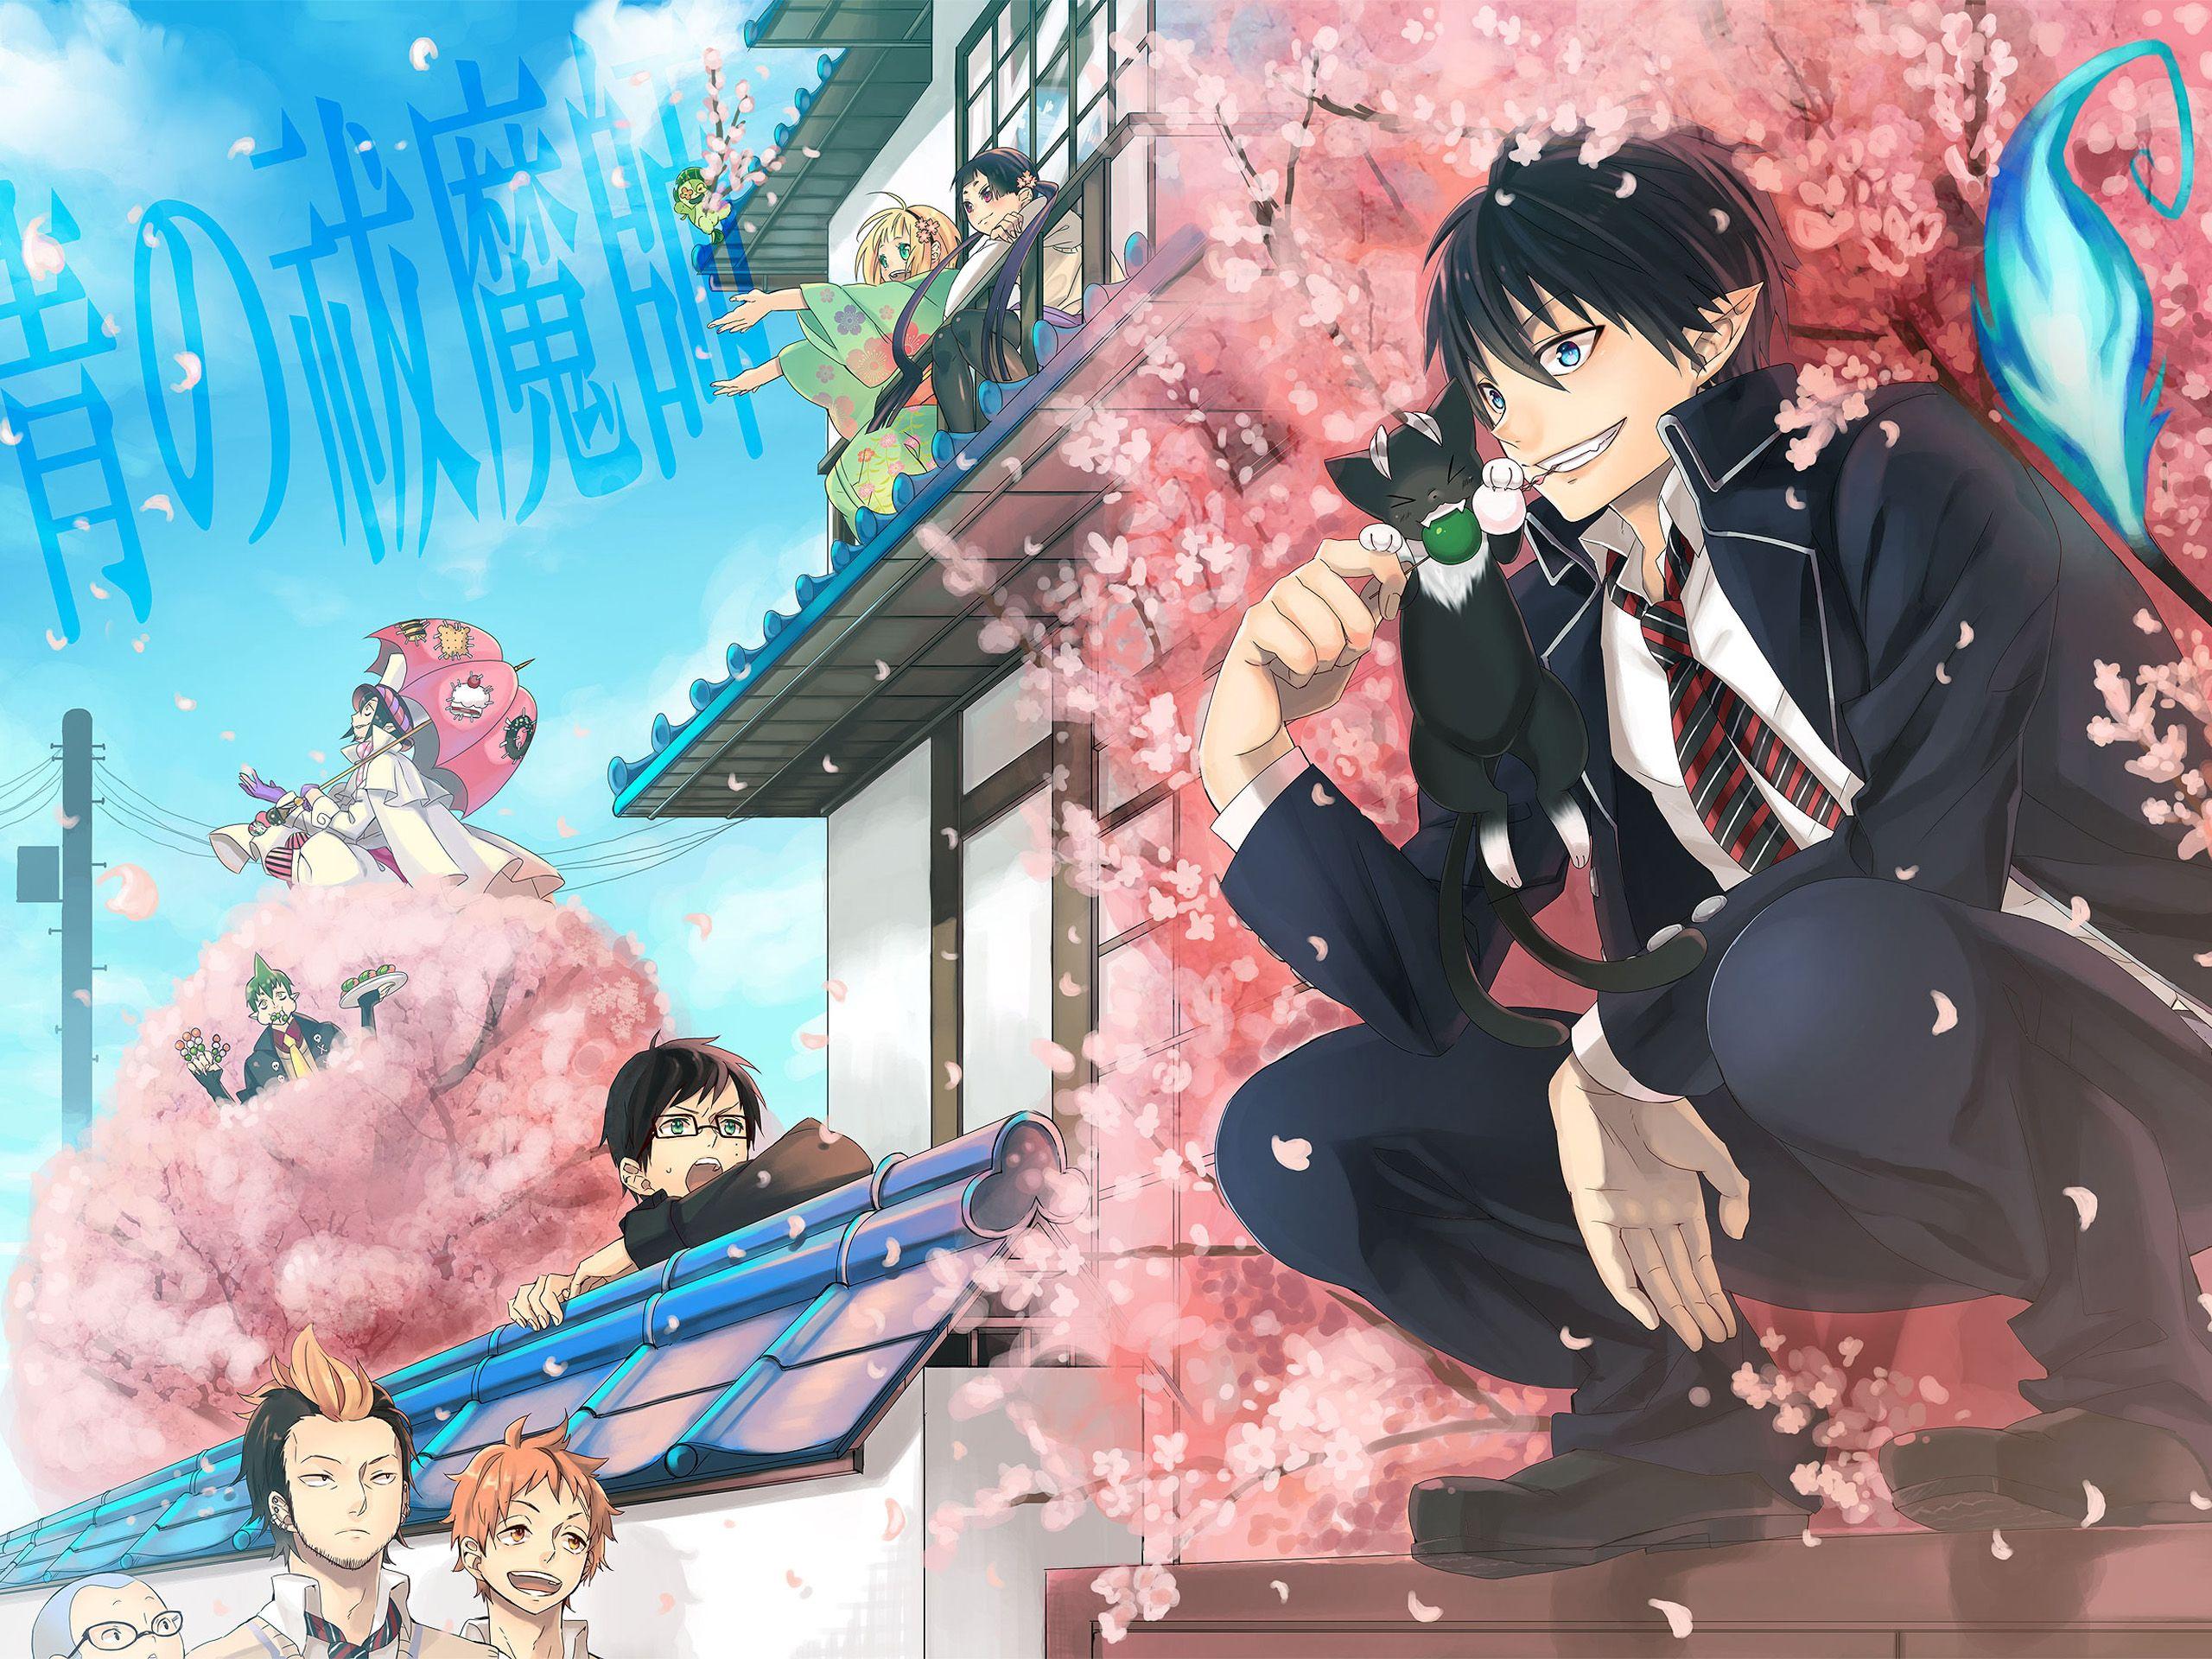 Anime Blue Exorcist Konekomaru Miwa Yukio Okumura Renzo Shima